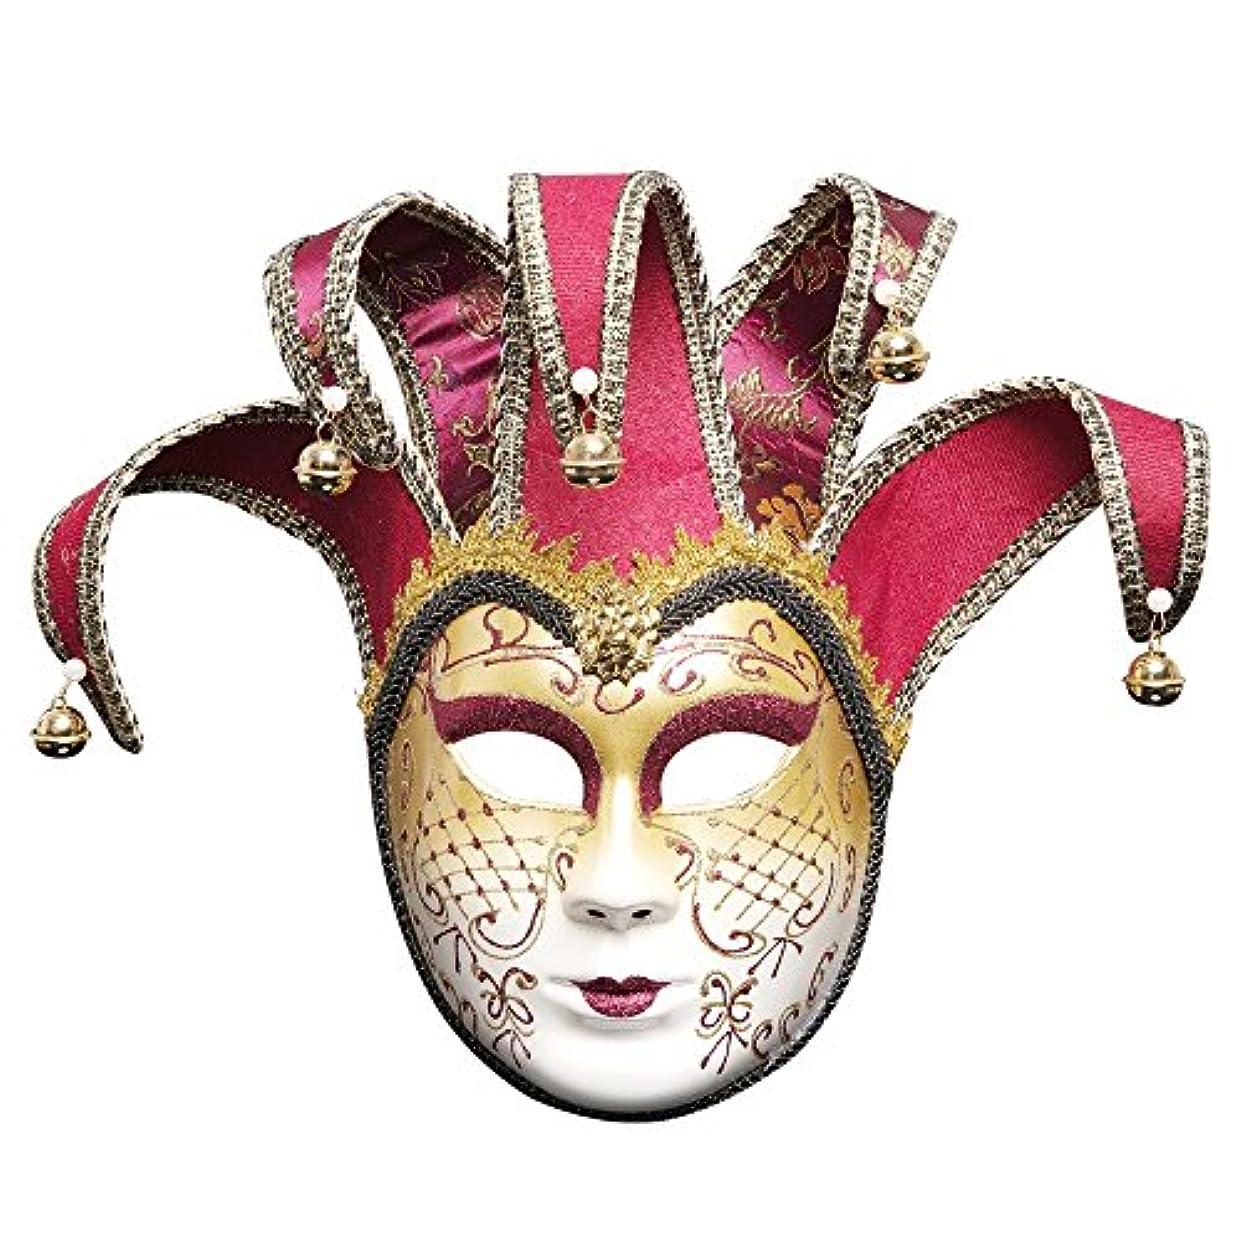 プライバシーフェザー容赦ないハロウィンボールパーティーマスククリスマスクリエイティブ新しいフルフェイスメイクアップマスク (Color : C)